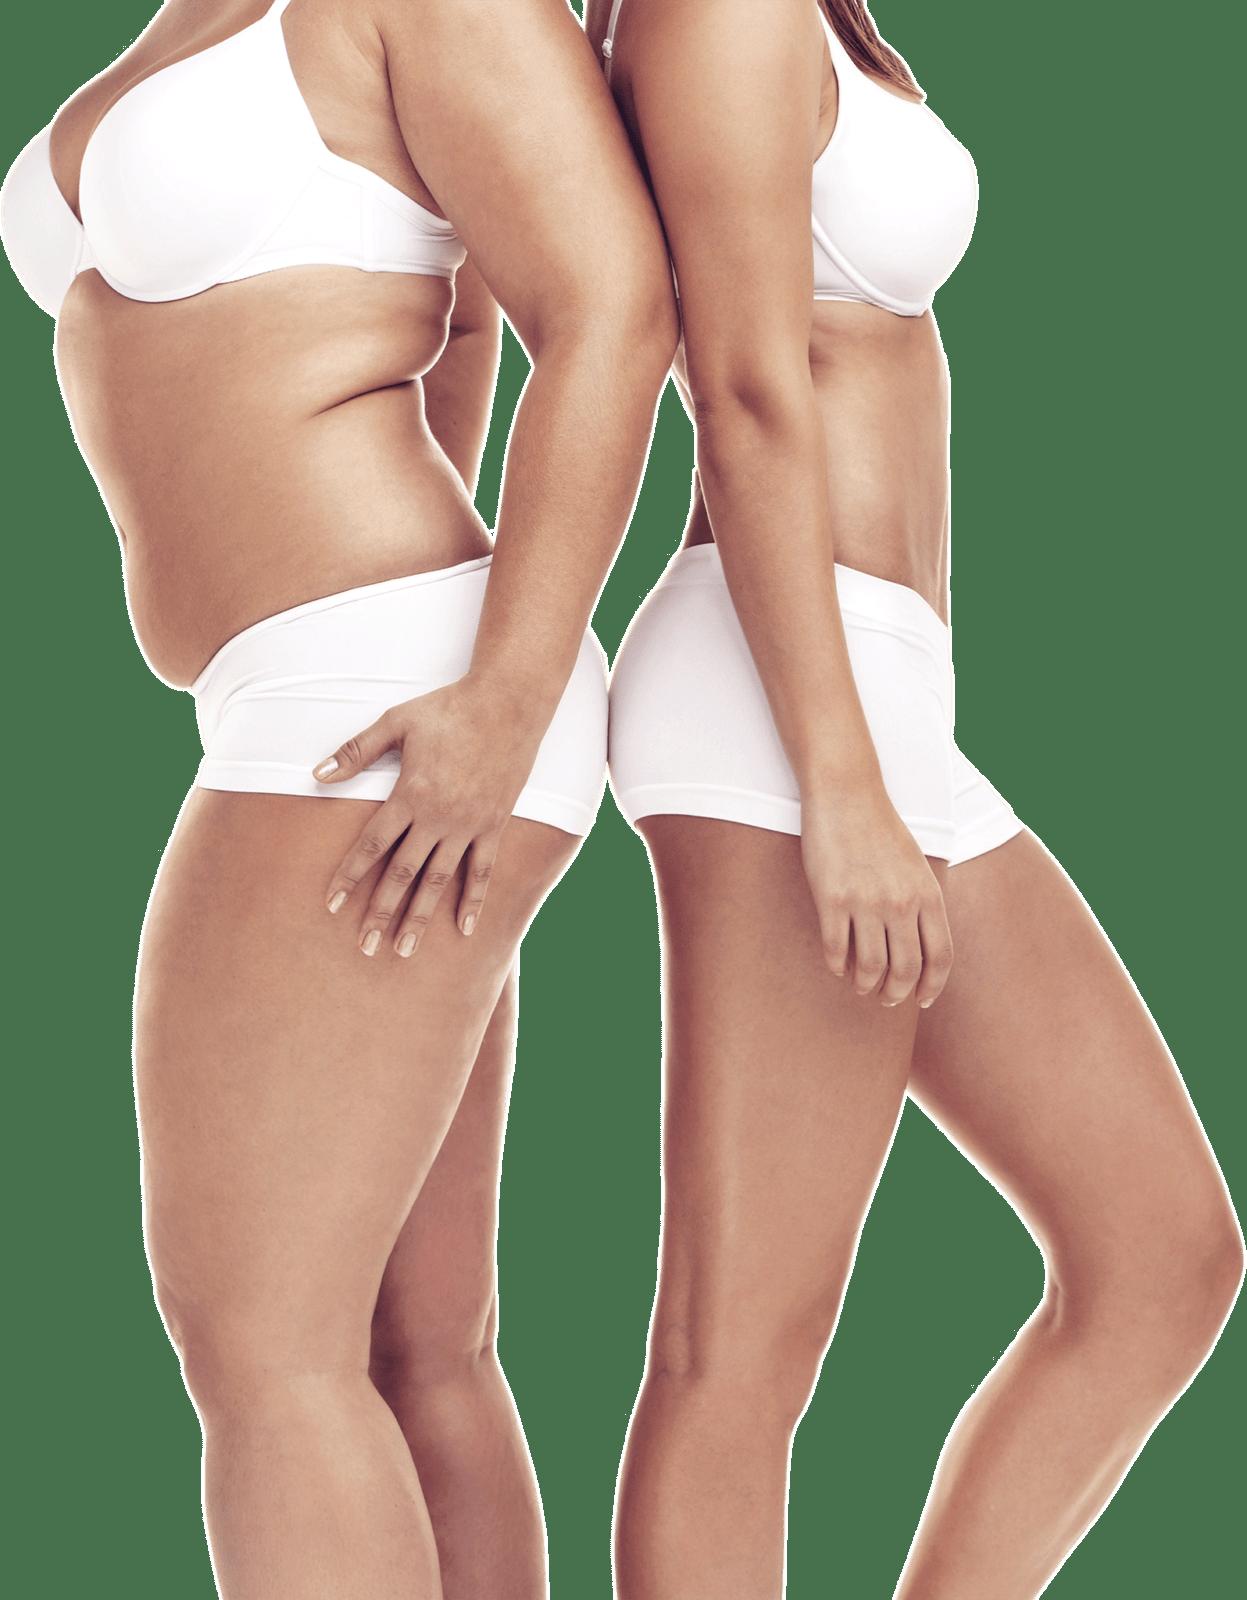 Zwei Frauenkörper in weisser Unterwäsche